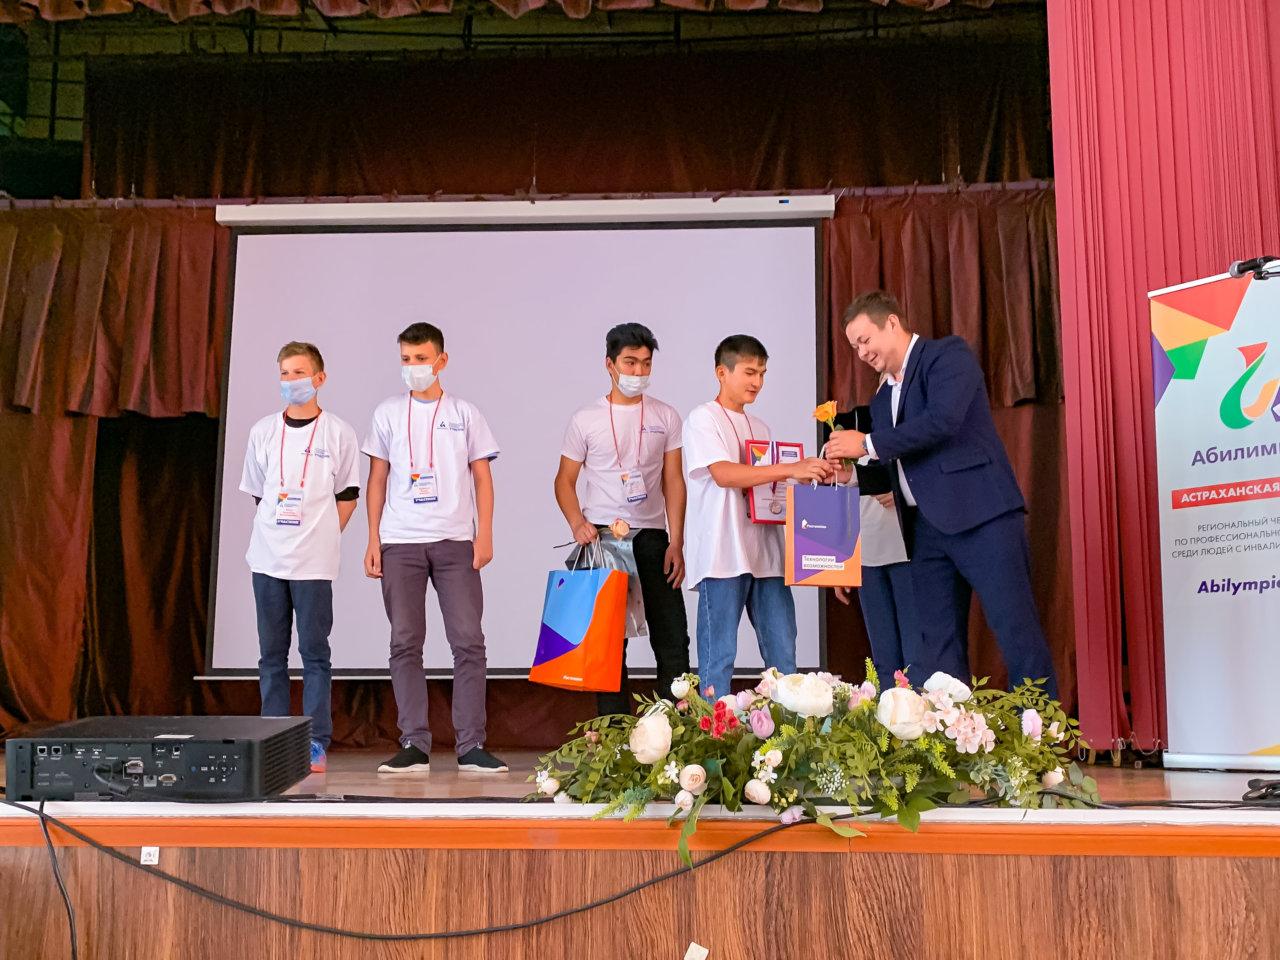 Равные возможности: «Ростелеком» в Астраханской области поддержал проведение инклюзивного чемпионата «Абилимпикс»